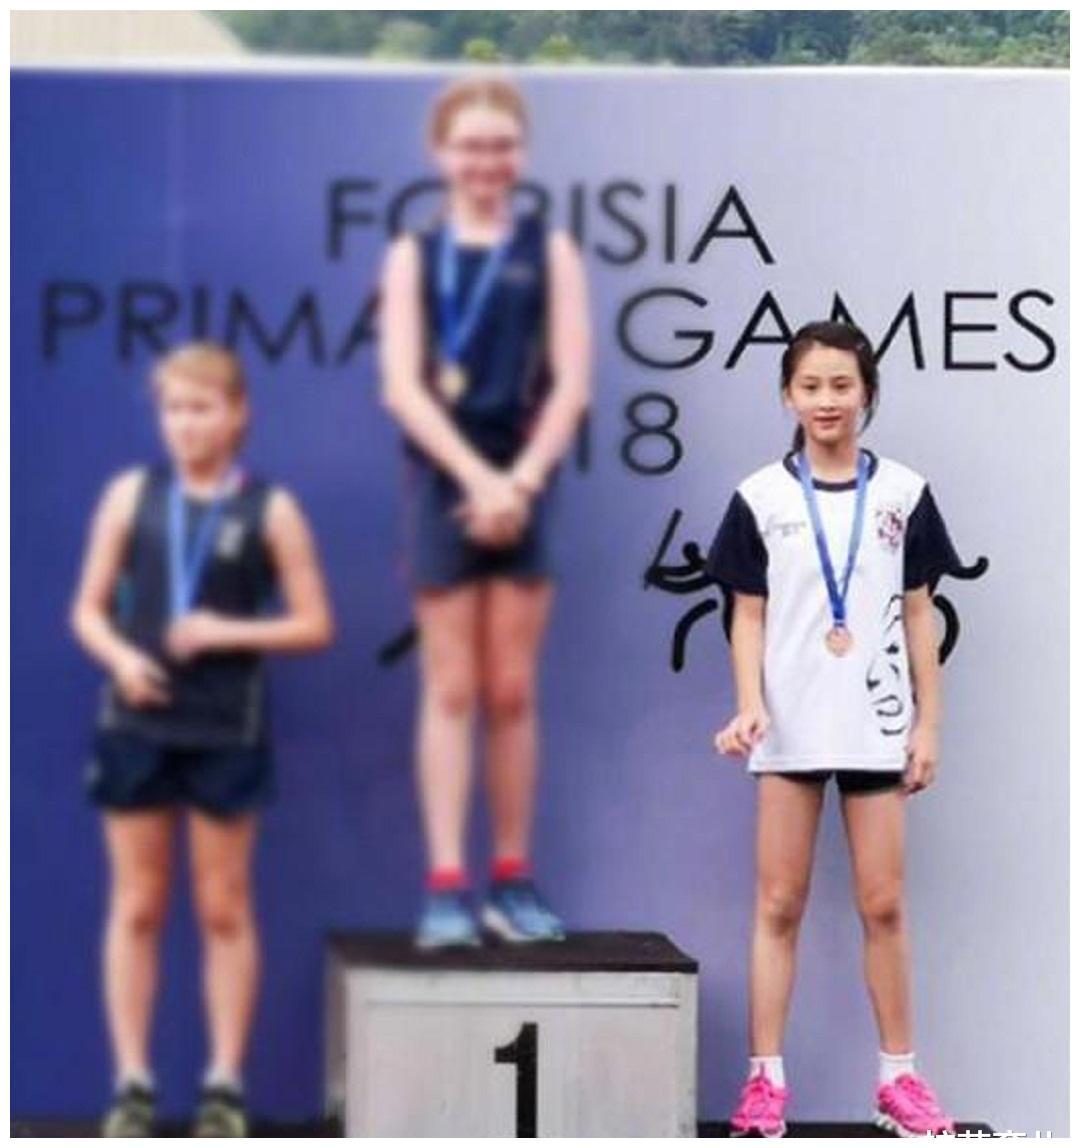 森碟获得世界比赛铜牌,不仅遗传田亮运动基因,更是拥有运动精神